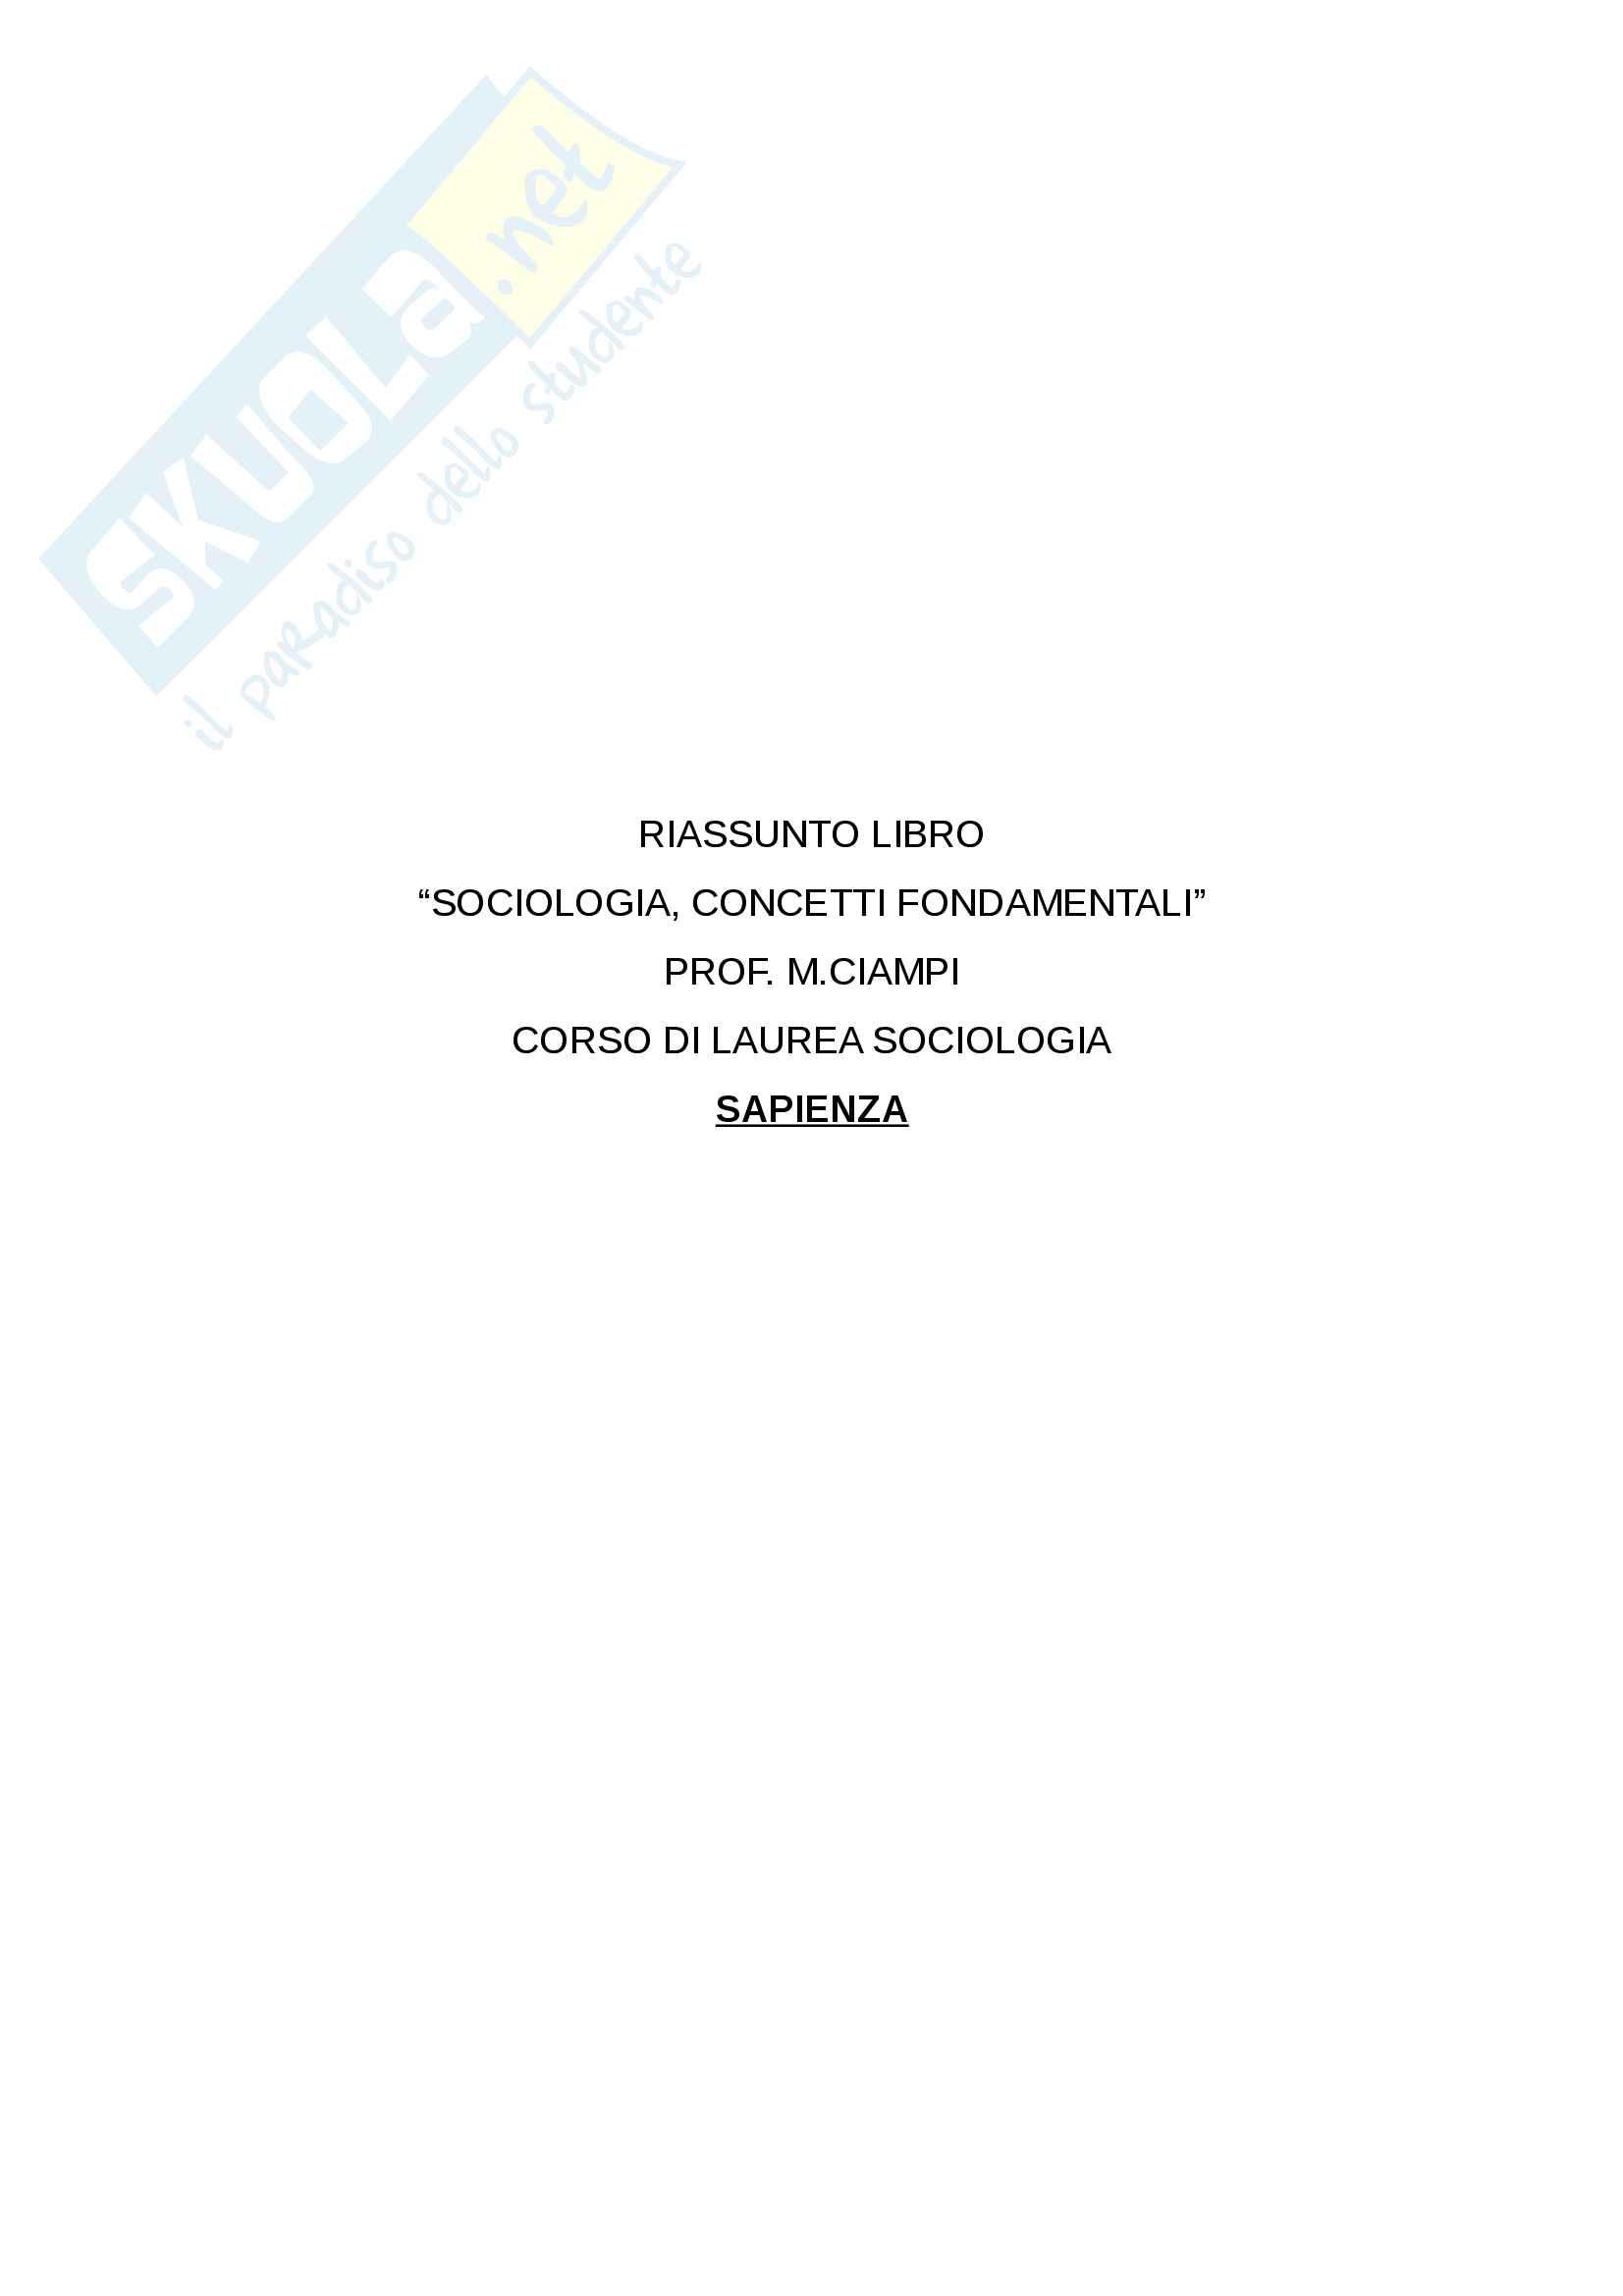 Appunti sociologia, concetti fondamentali M. Ciampi